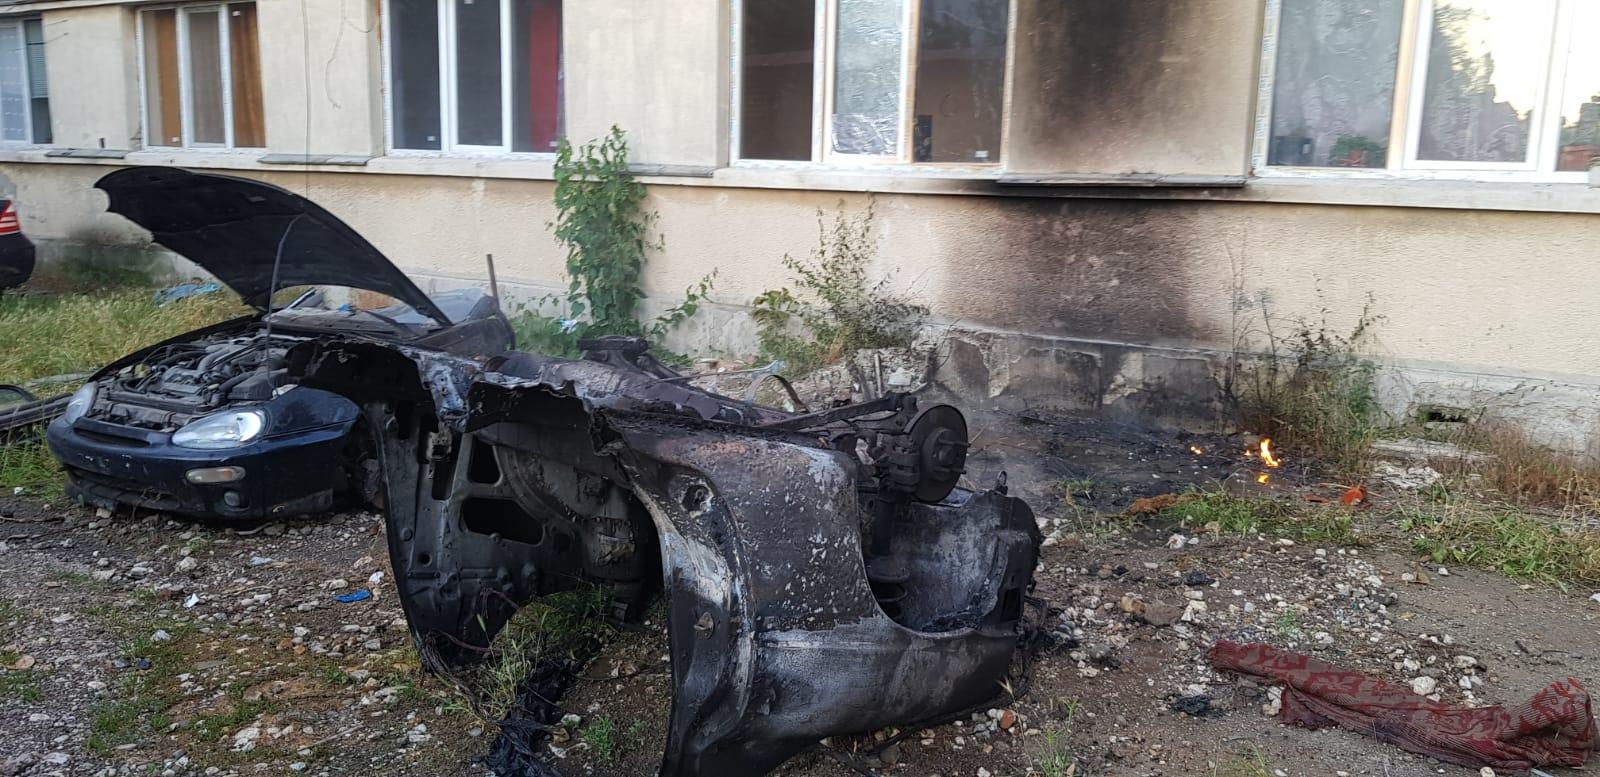 Autoturism în flăcări la Videle, din cauza scânteilor produse de un flex